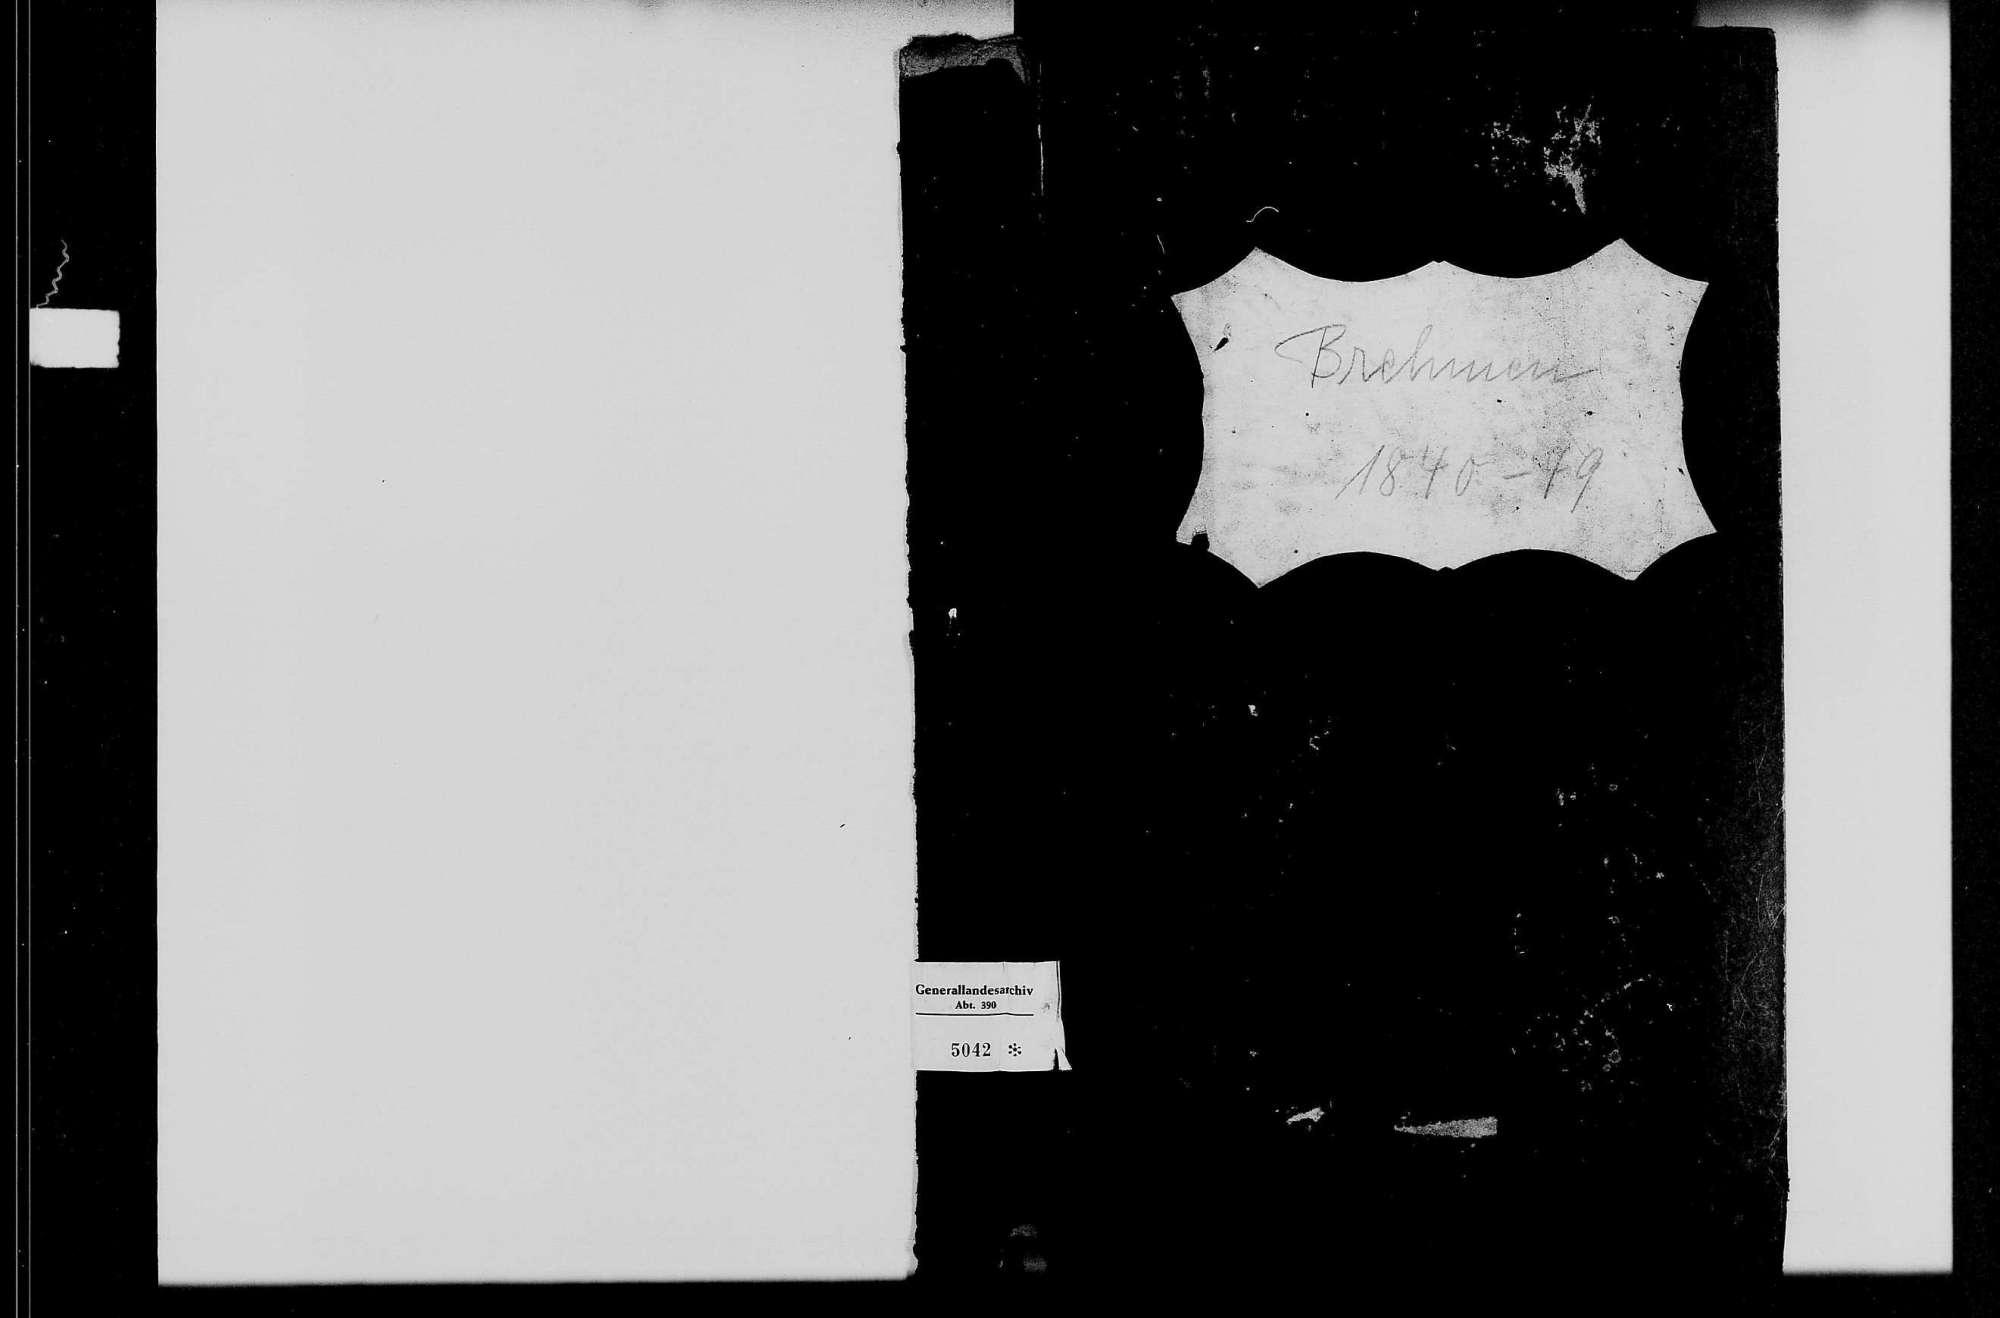 Brehmen, evangelische Gemeinde: Standesbuch 1840-1949, Bild 1